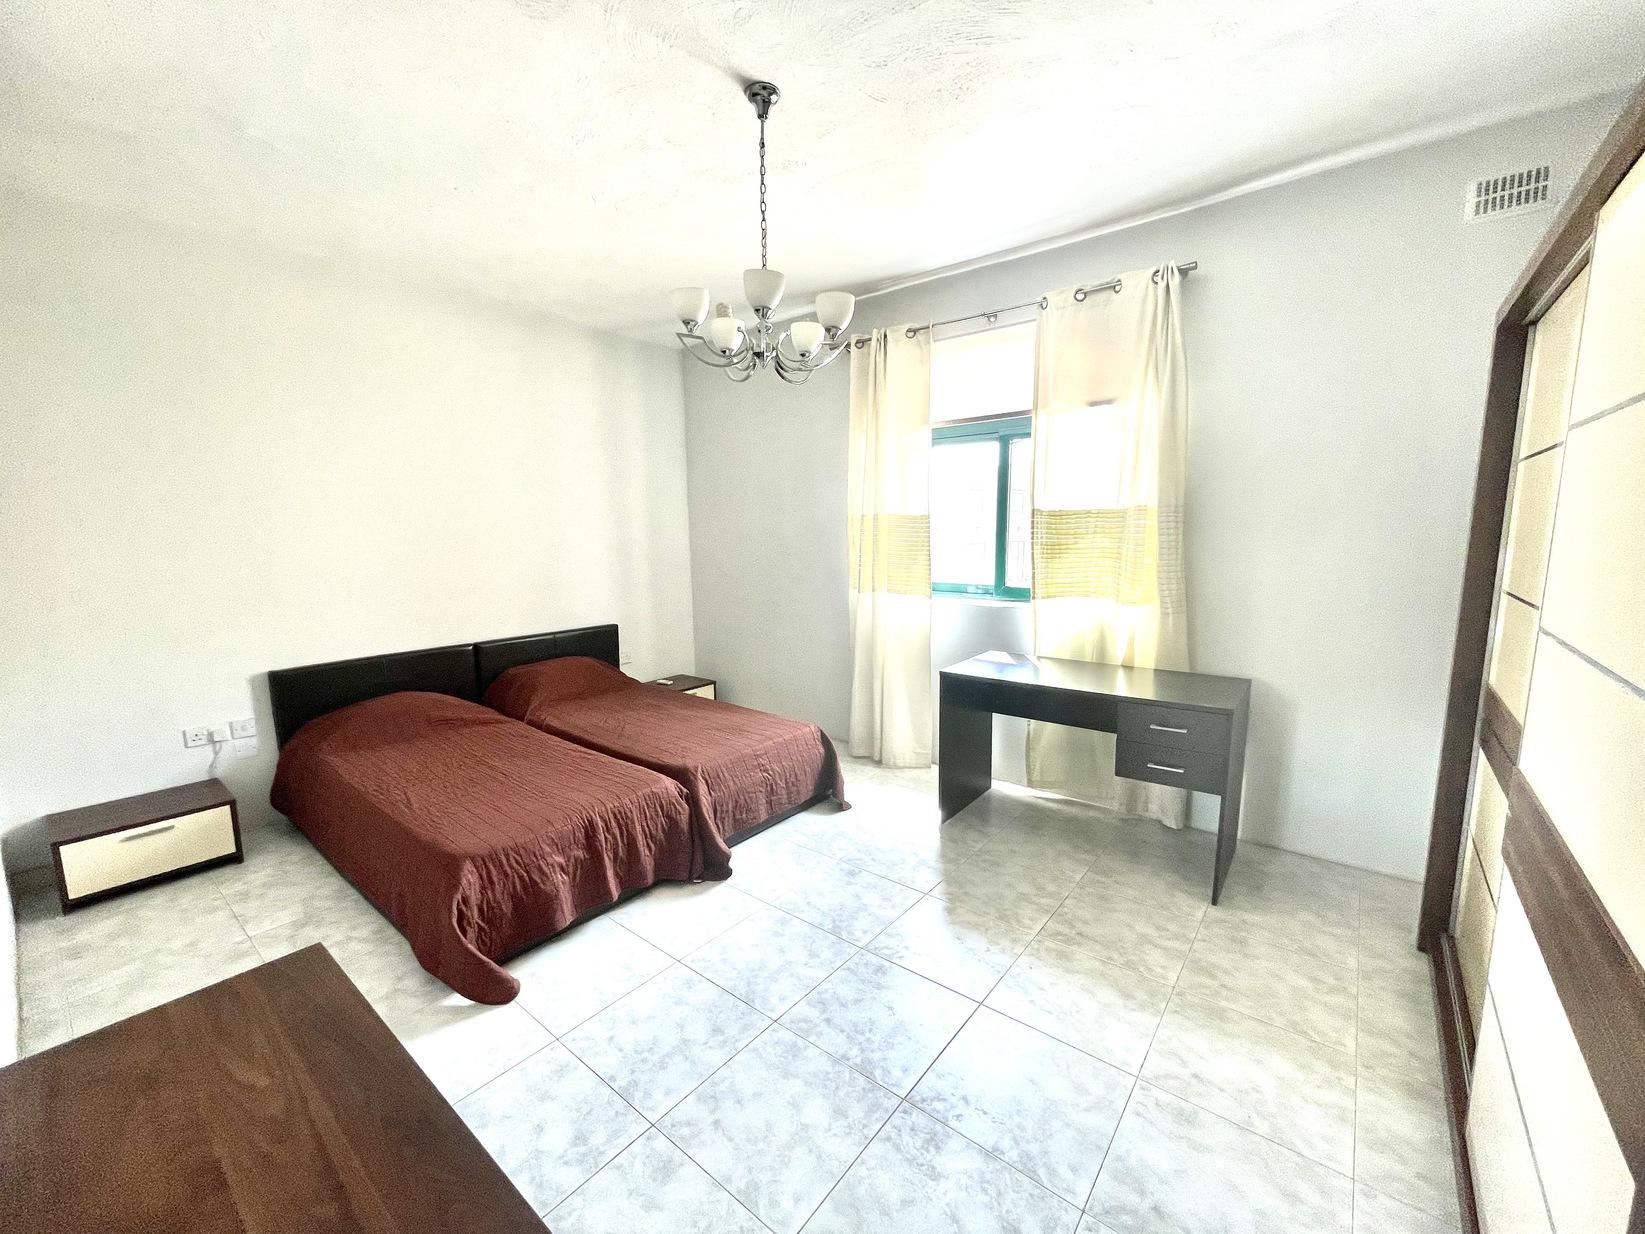 4 bed Maisonette For Rent in Gzira, Gzira - thumb 8